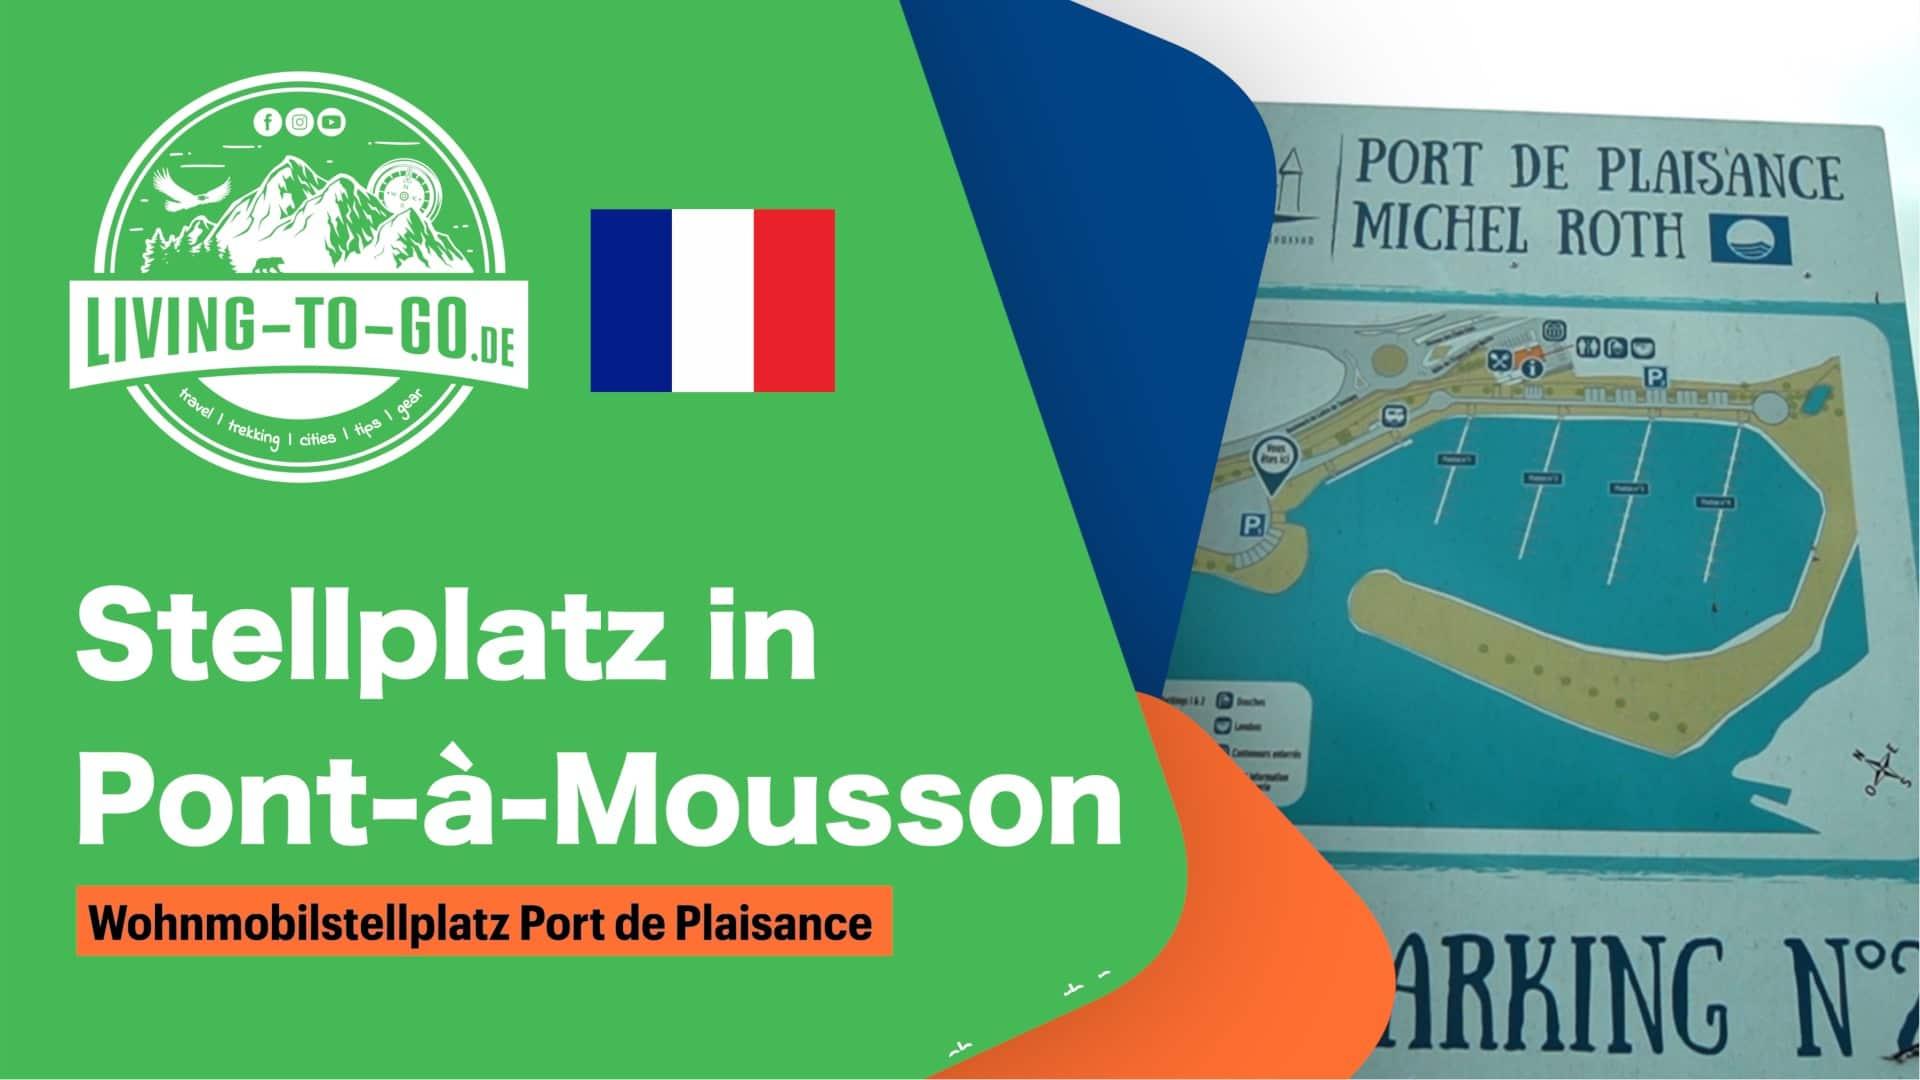 Stellplatz Pont-á-Mousson